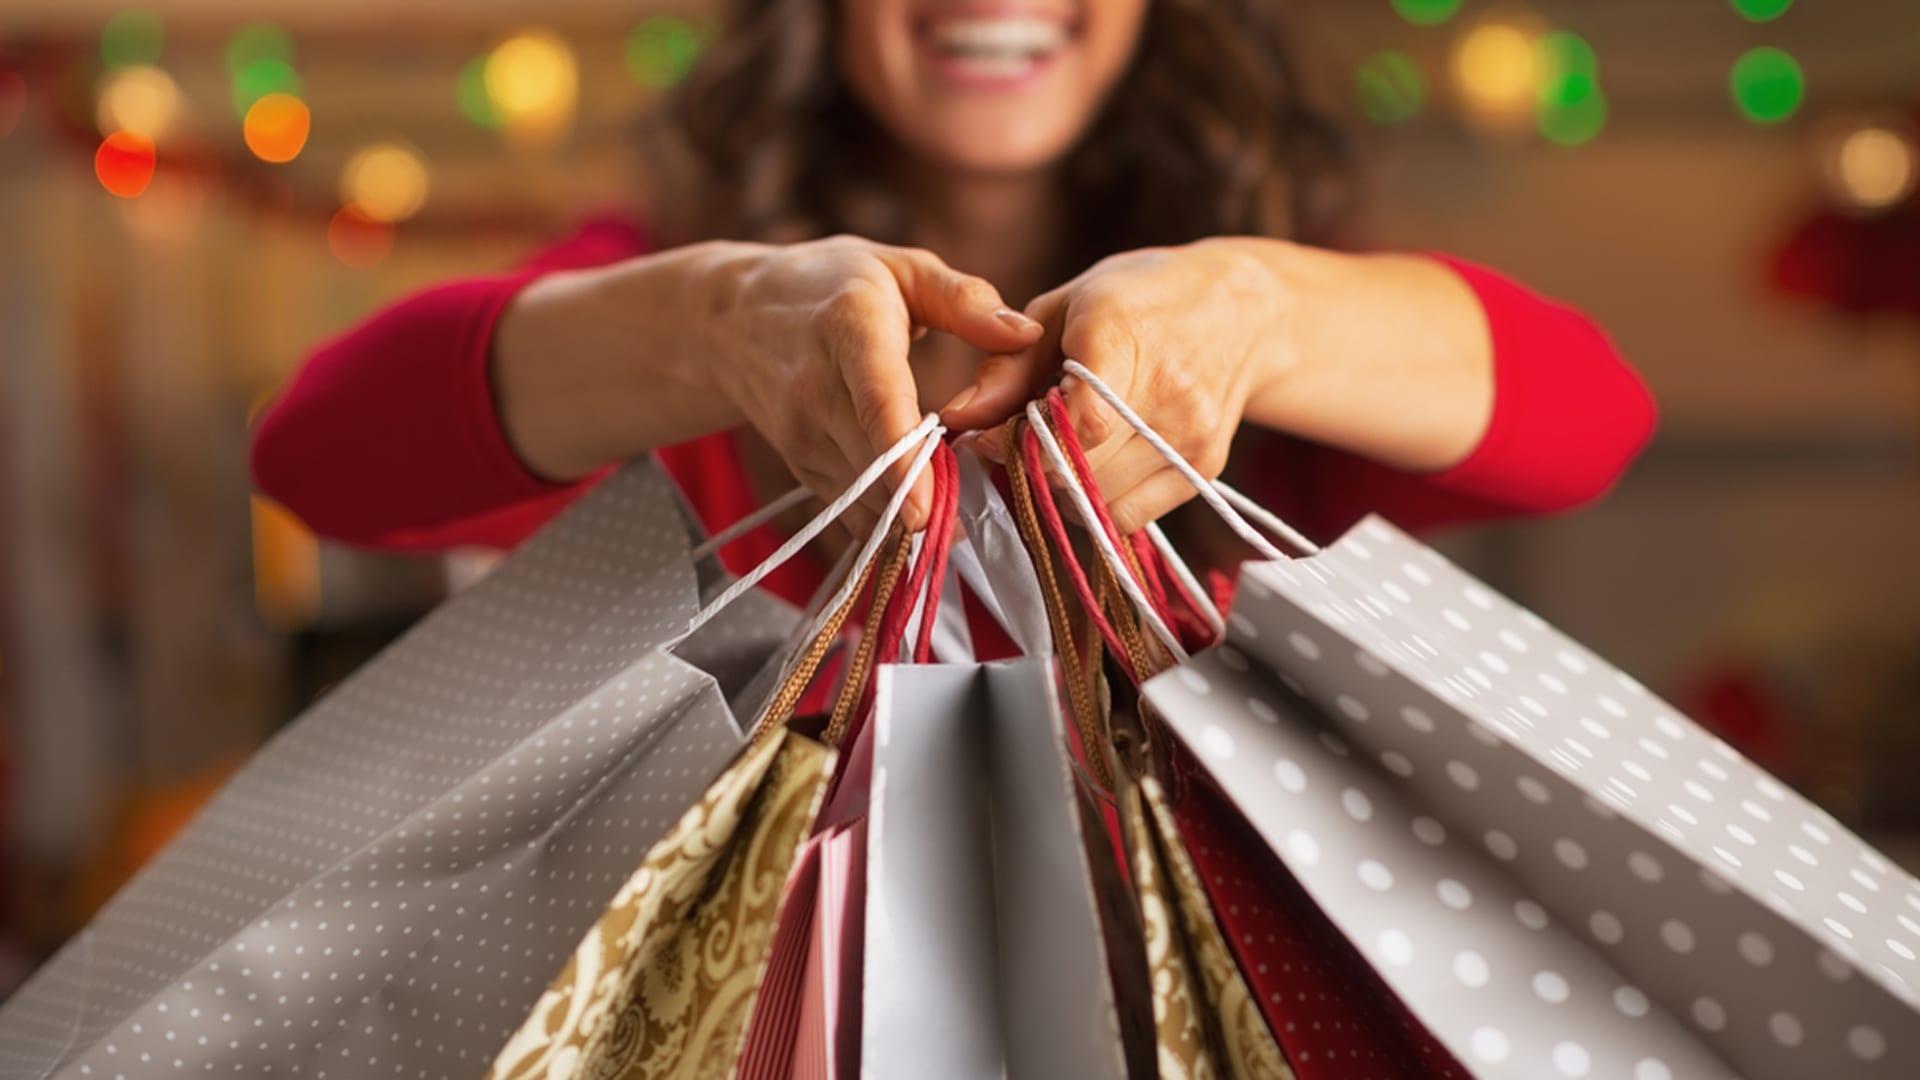 Las compras navide as de este a o podr an marcar un cambio for Compra online mobili